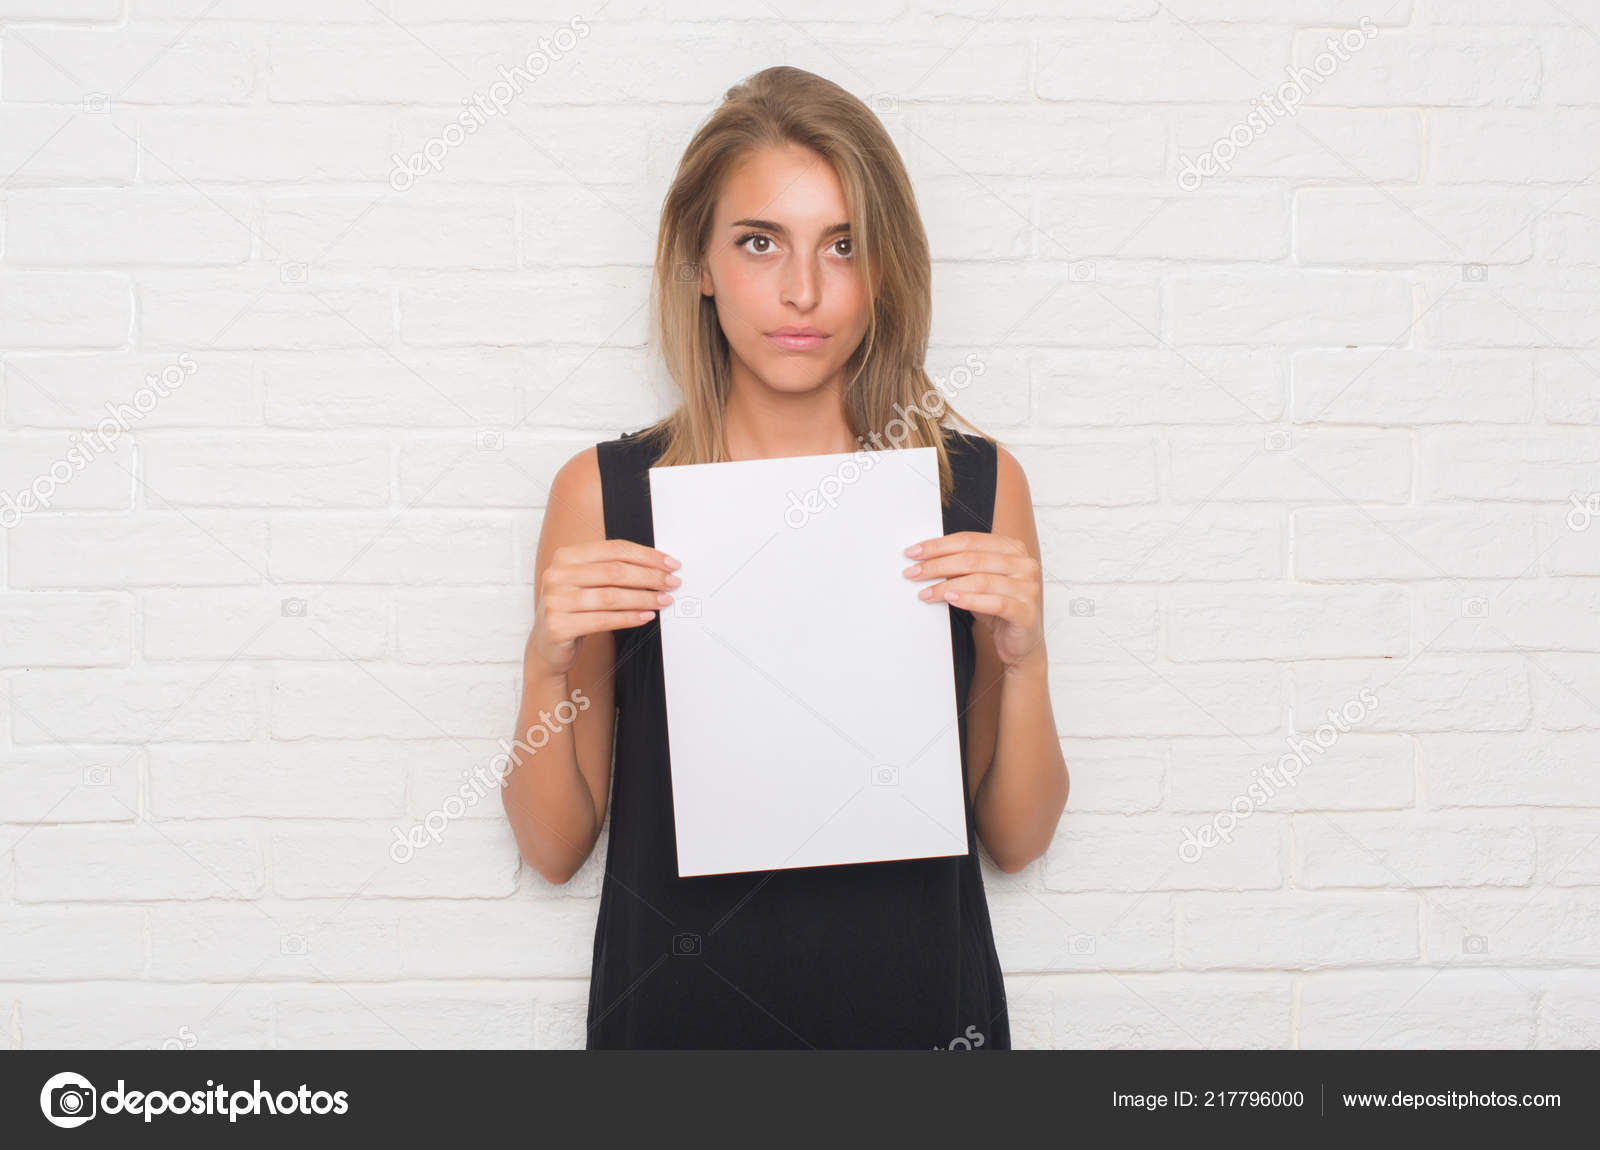 фото с белым листом бумаги в руках нее